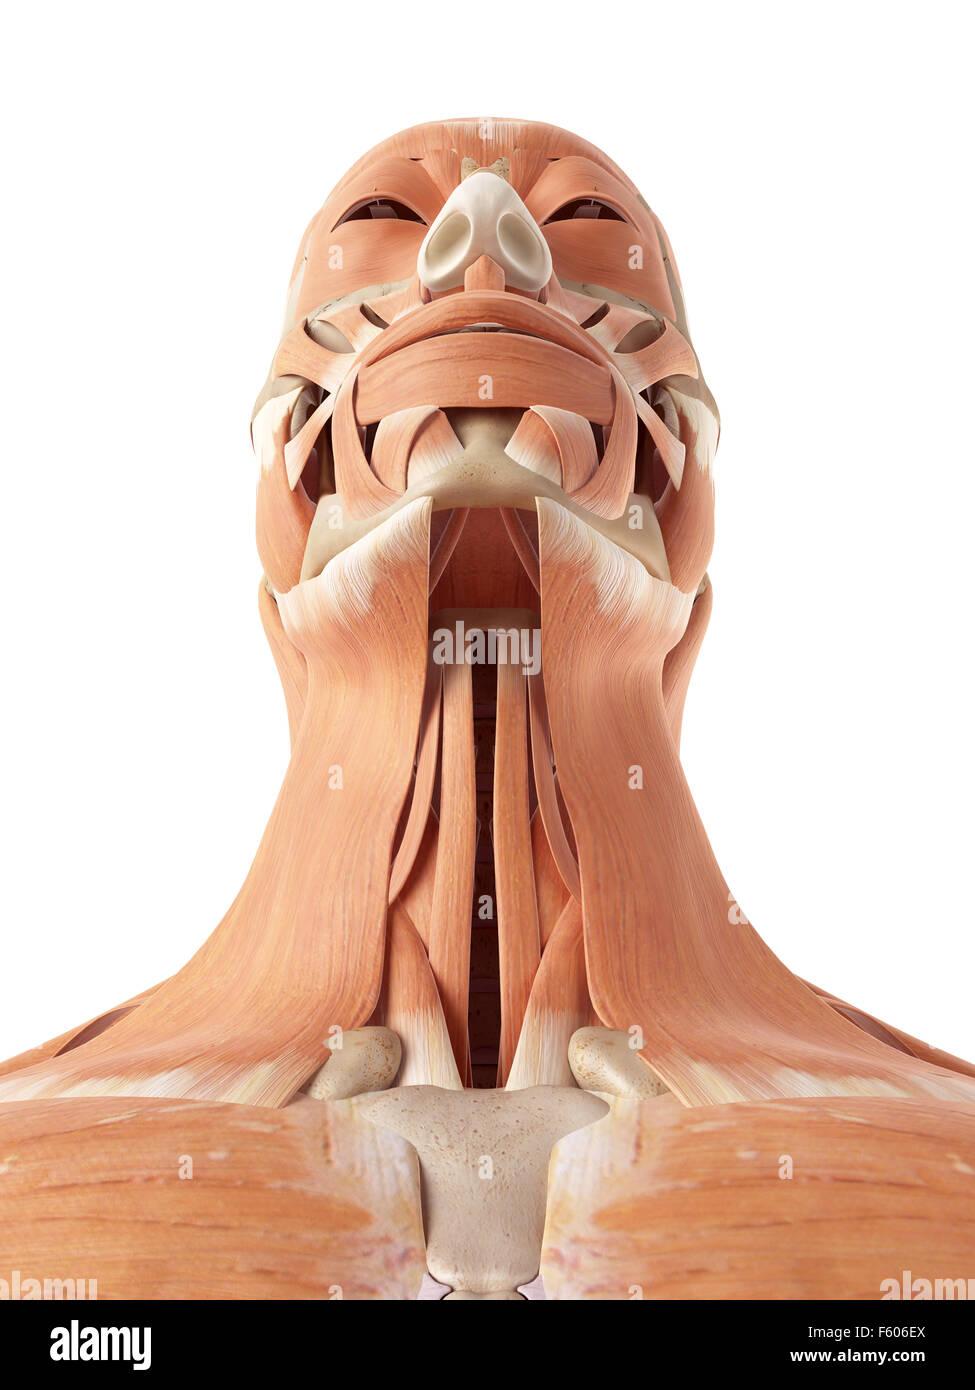 medizinische genaue Abbildung der Hals und Rachen Muskeln Stockfoto ...